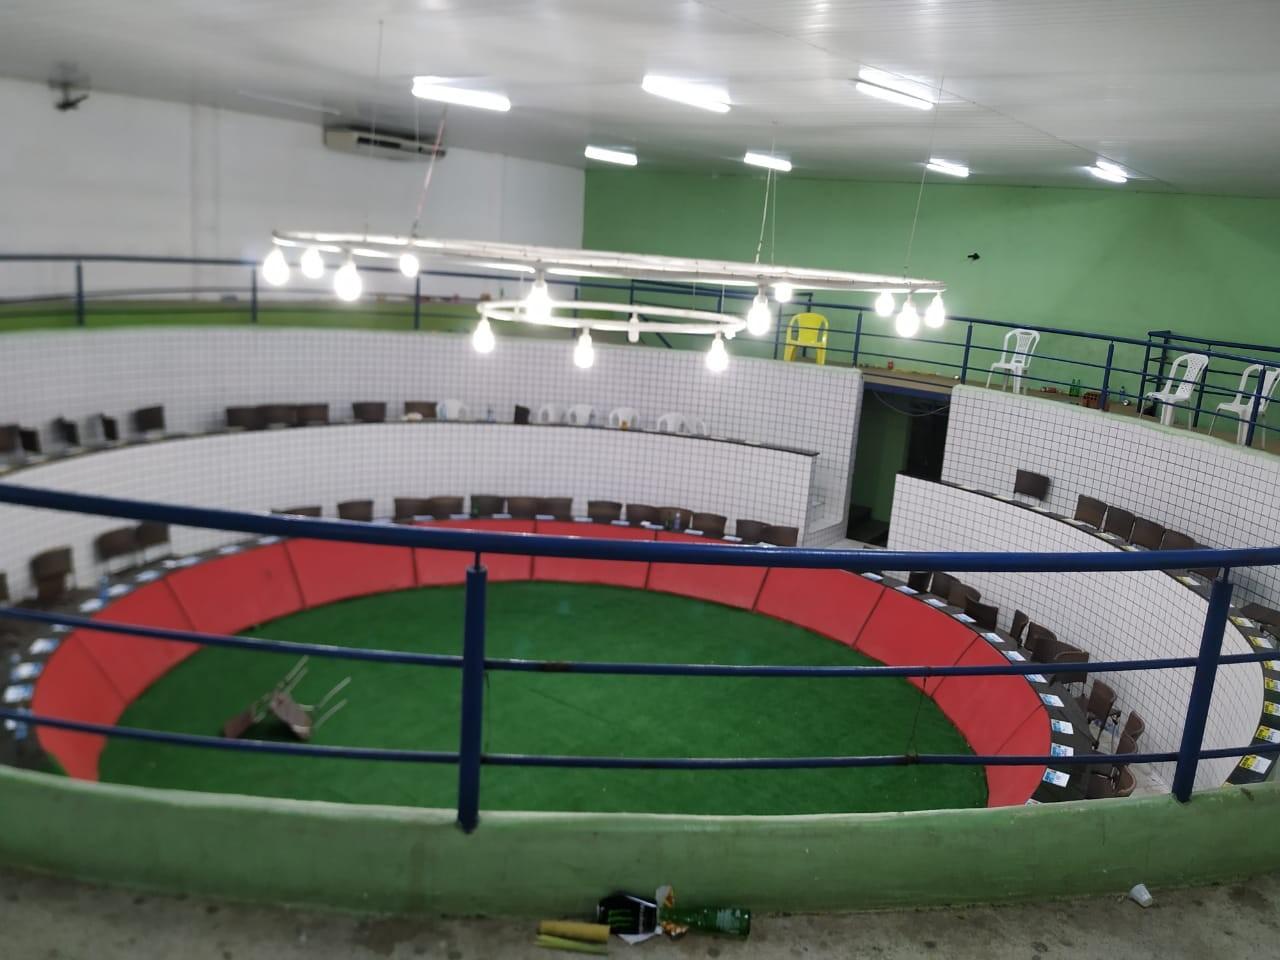 Operação fecha 'estádio' que sediava campeonato nacional de rinha de galos no Ceará e resgata 167 animais; vídeo